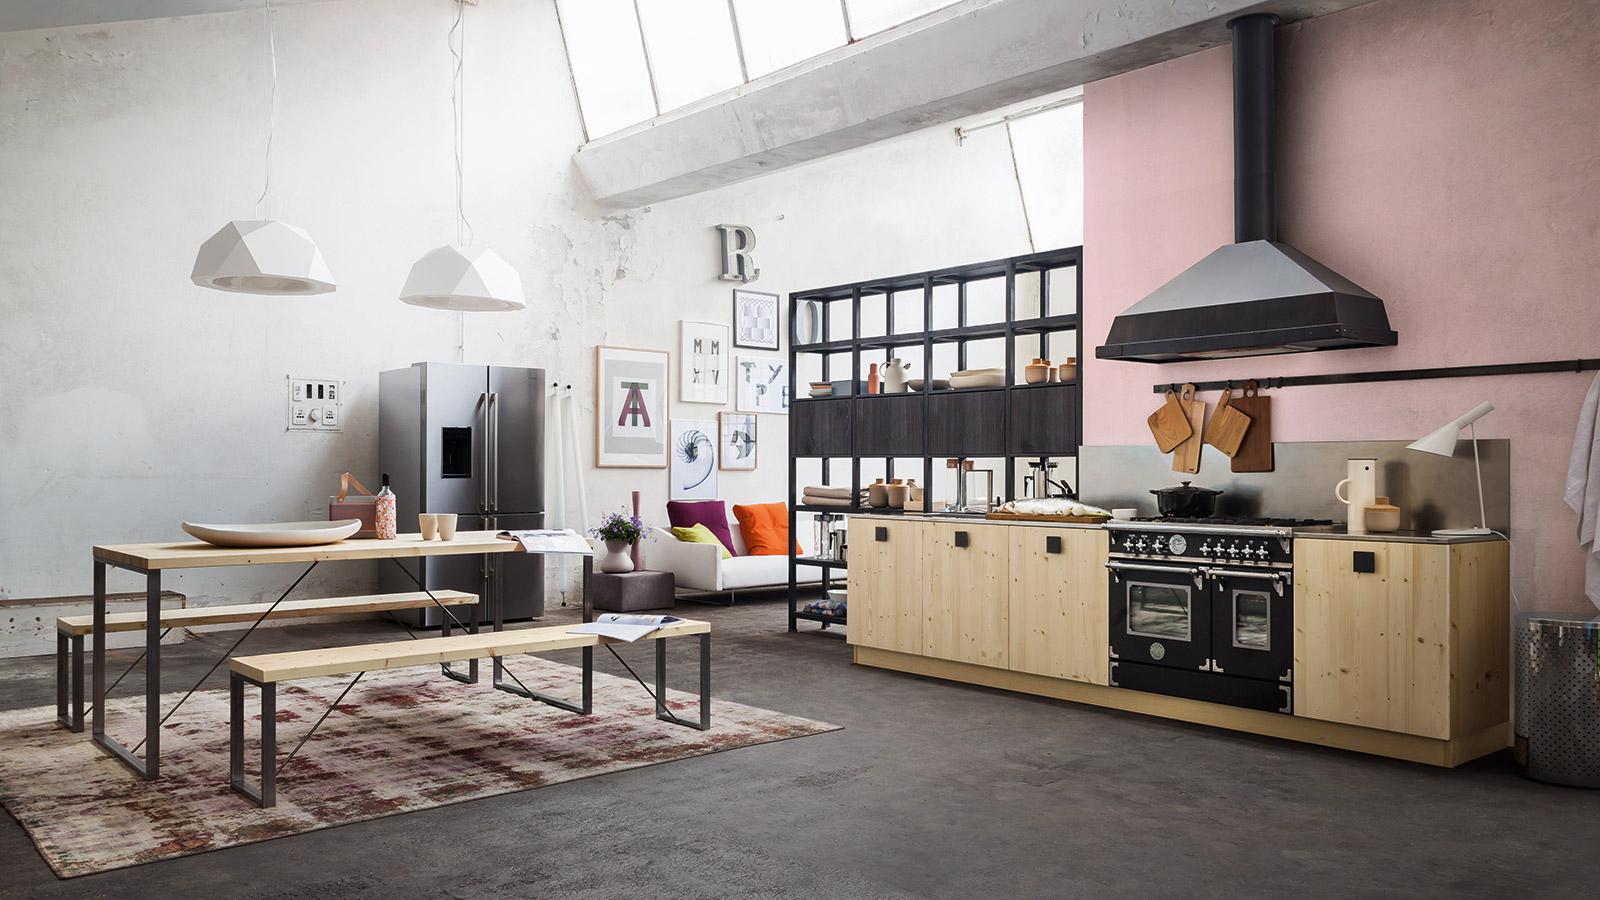 Estremamente Arredamento Nordico Bagno ~ Ispirazione di Design Interni HA06